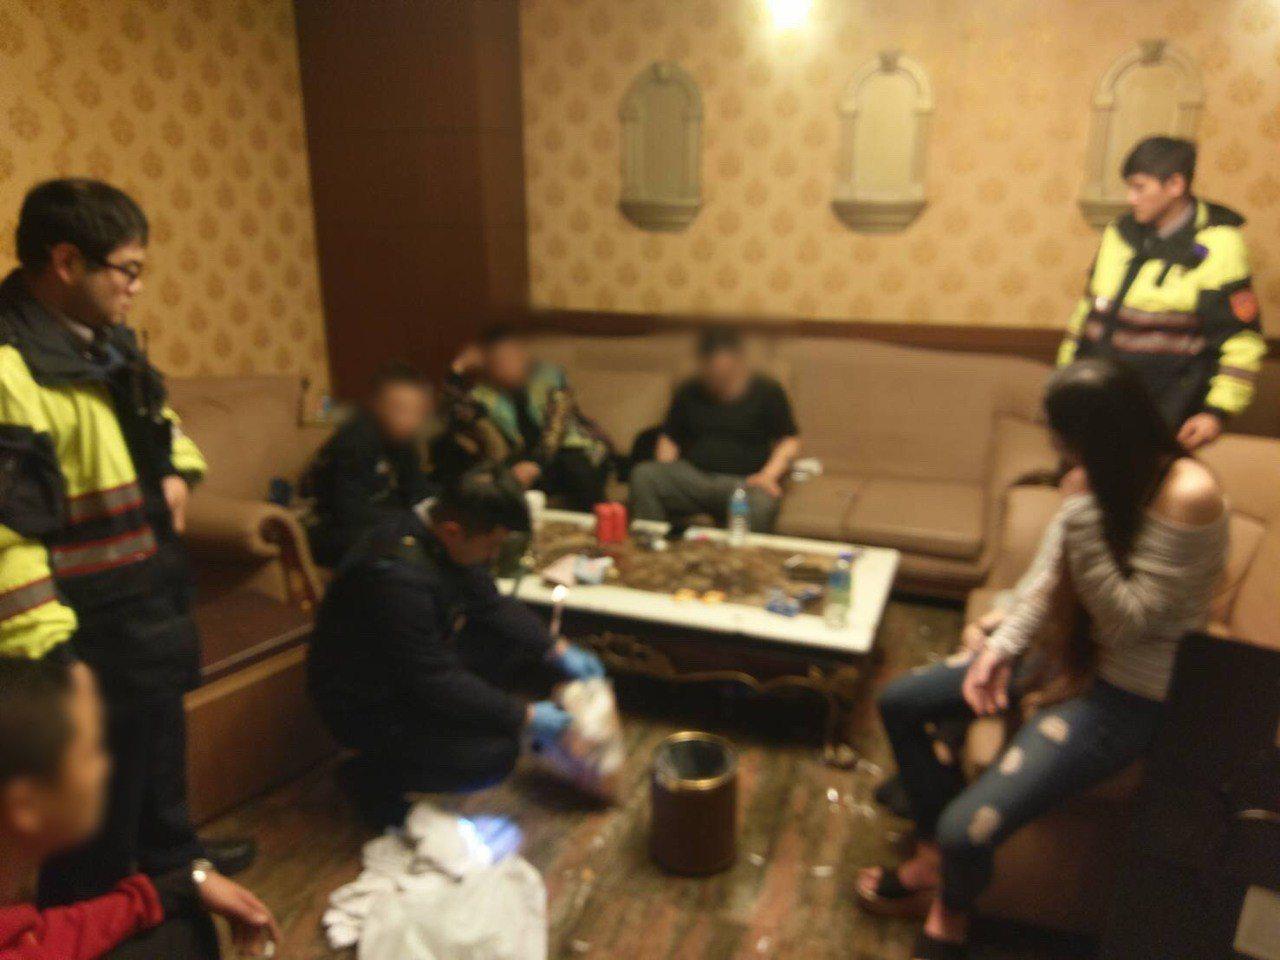 周姓男子在開工日前找來6男3女到汽車旅館開毒趴,警方全數帶回。記者袁志豪/翻攝